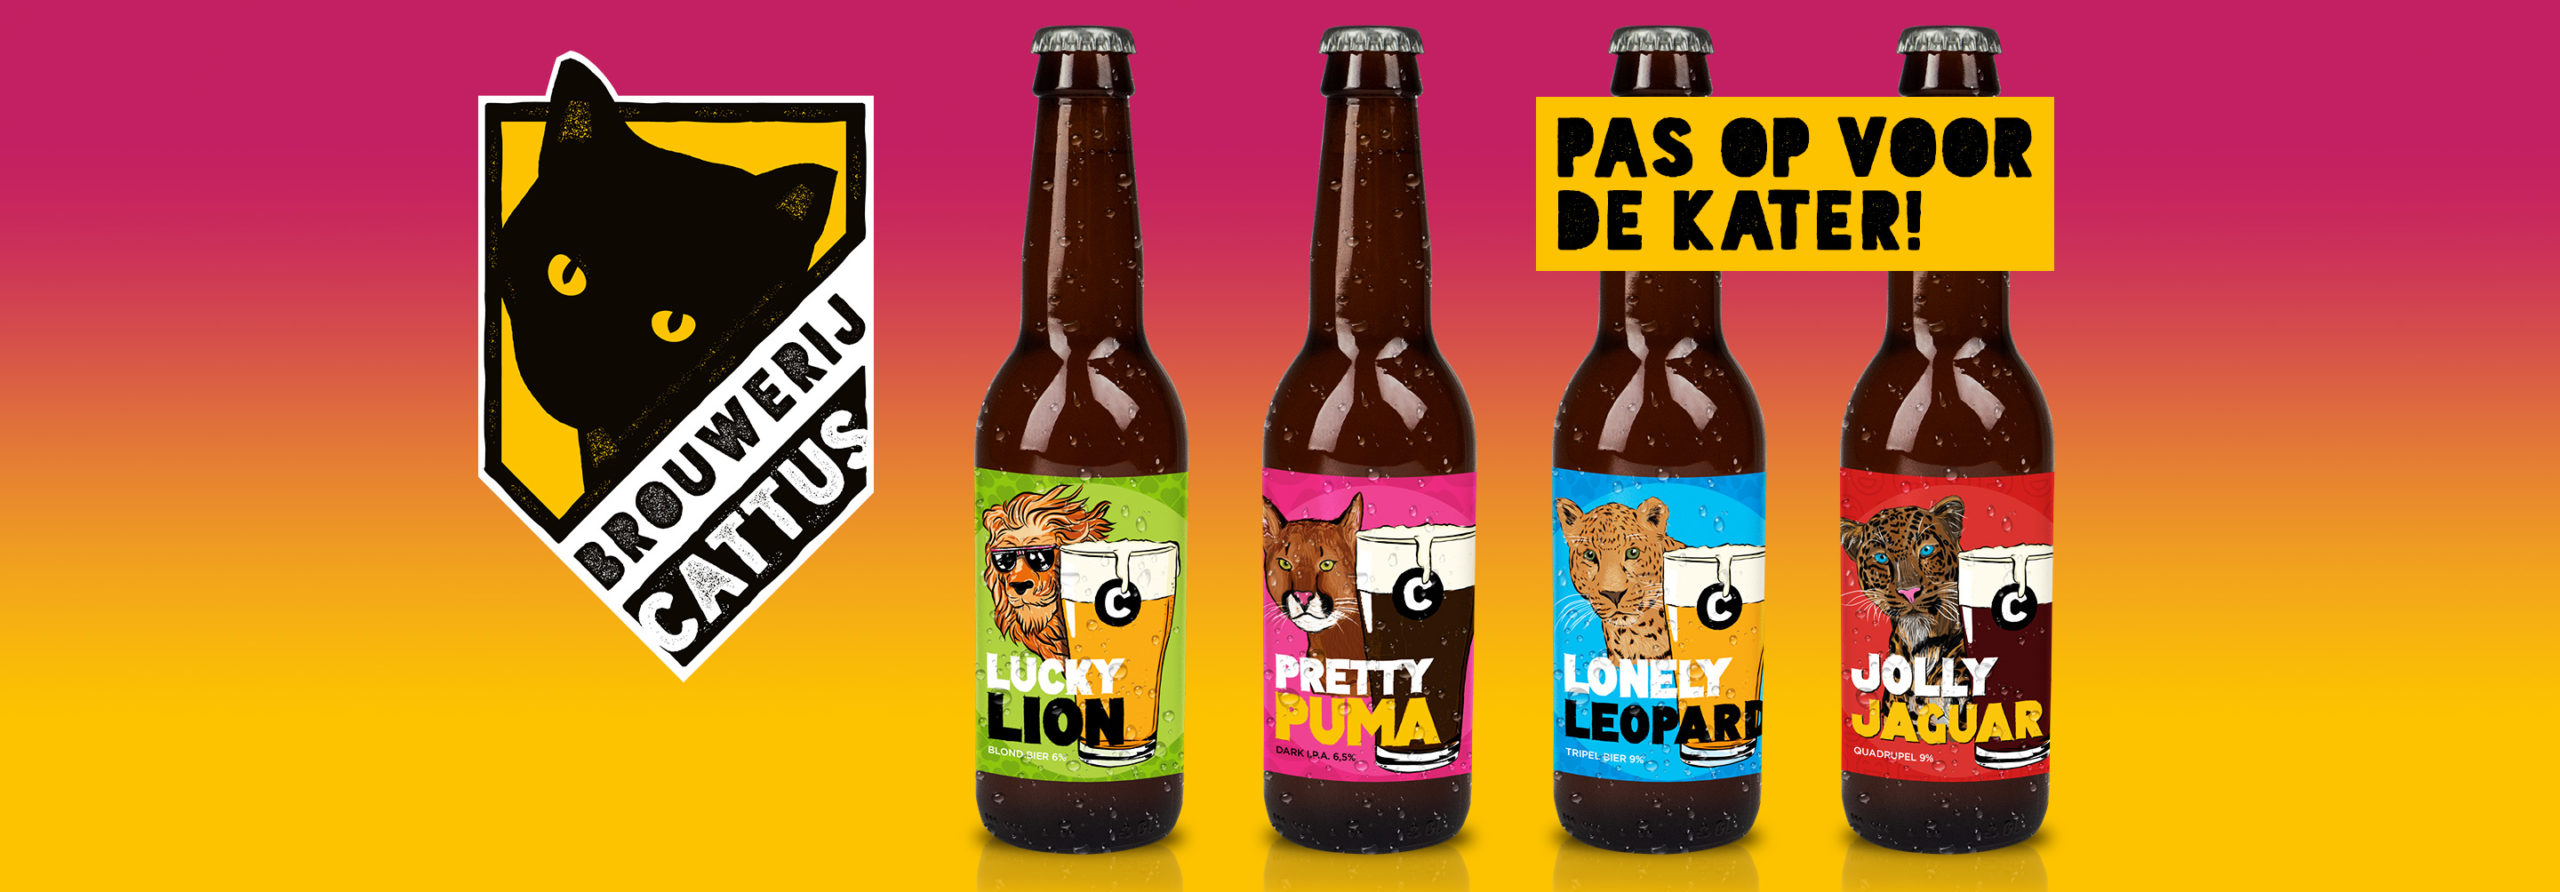 Brouwerij Cattus - Huisstijl en etiketten